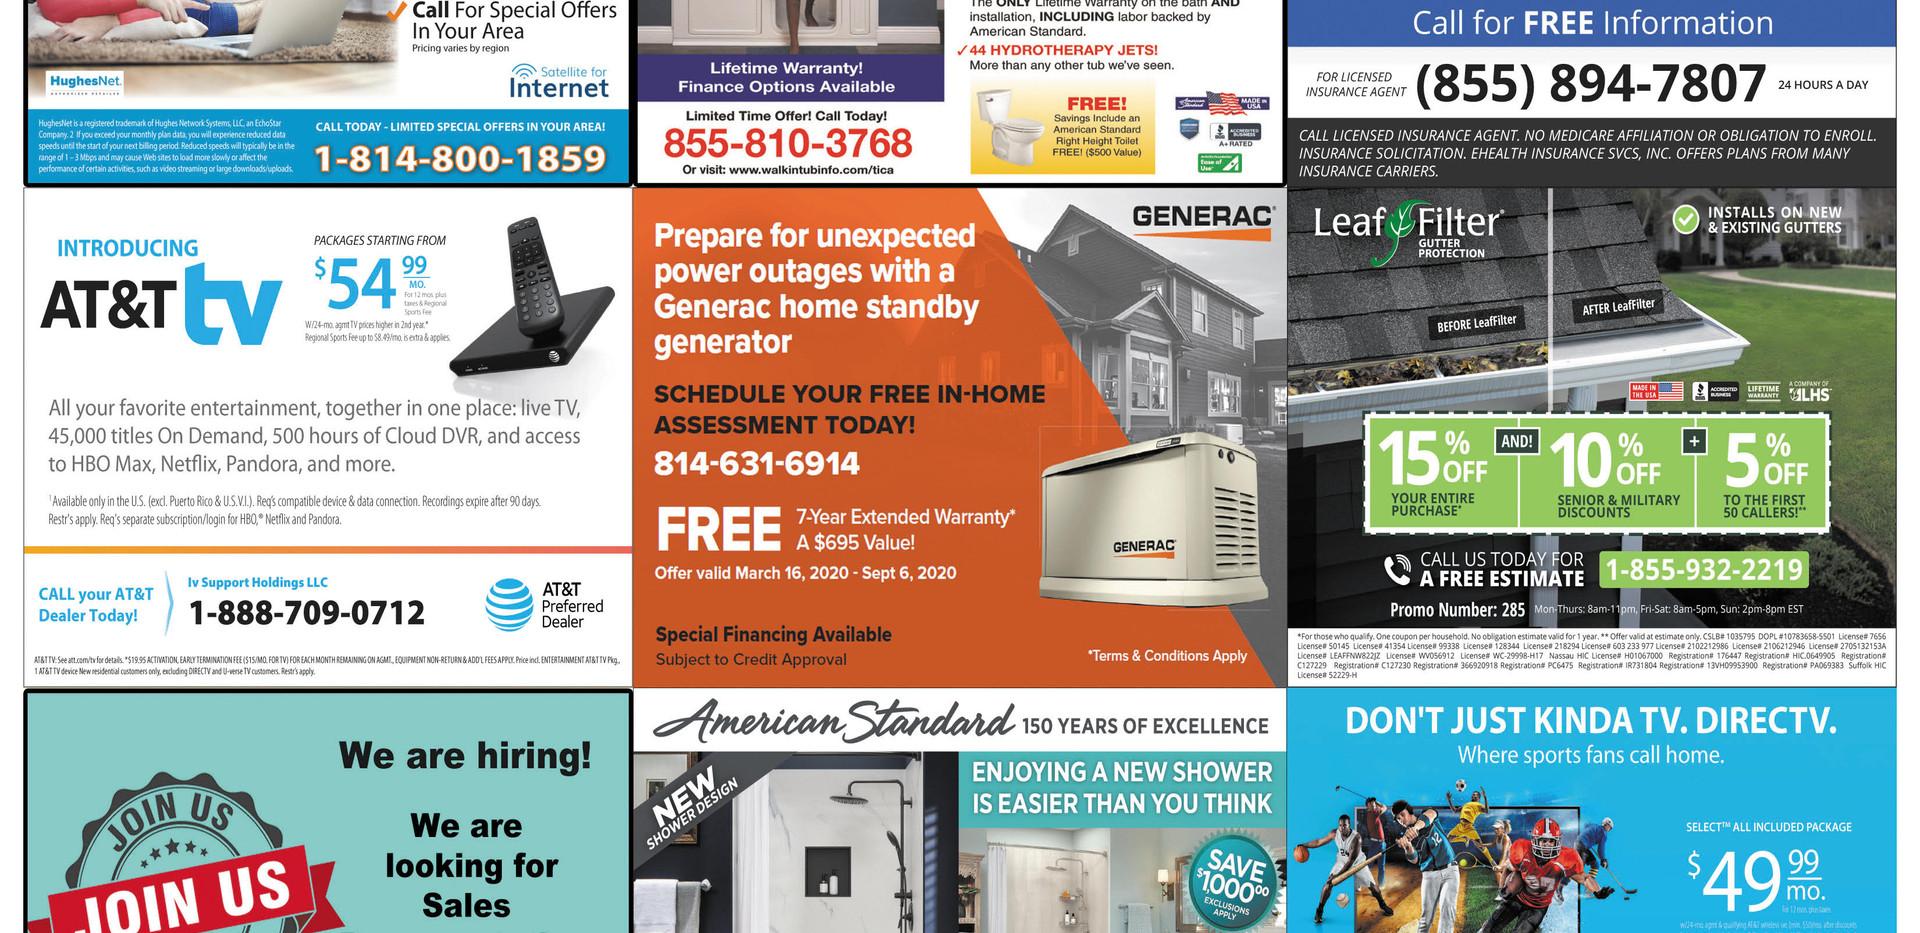 Johnstown coupon book pg 4 sept 2020.jpg